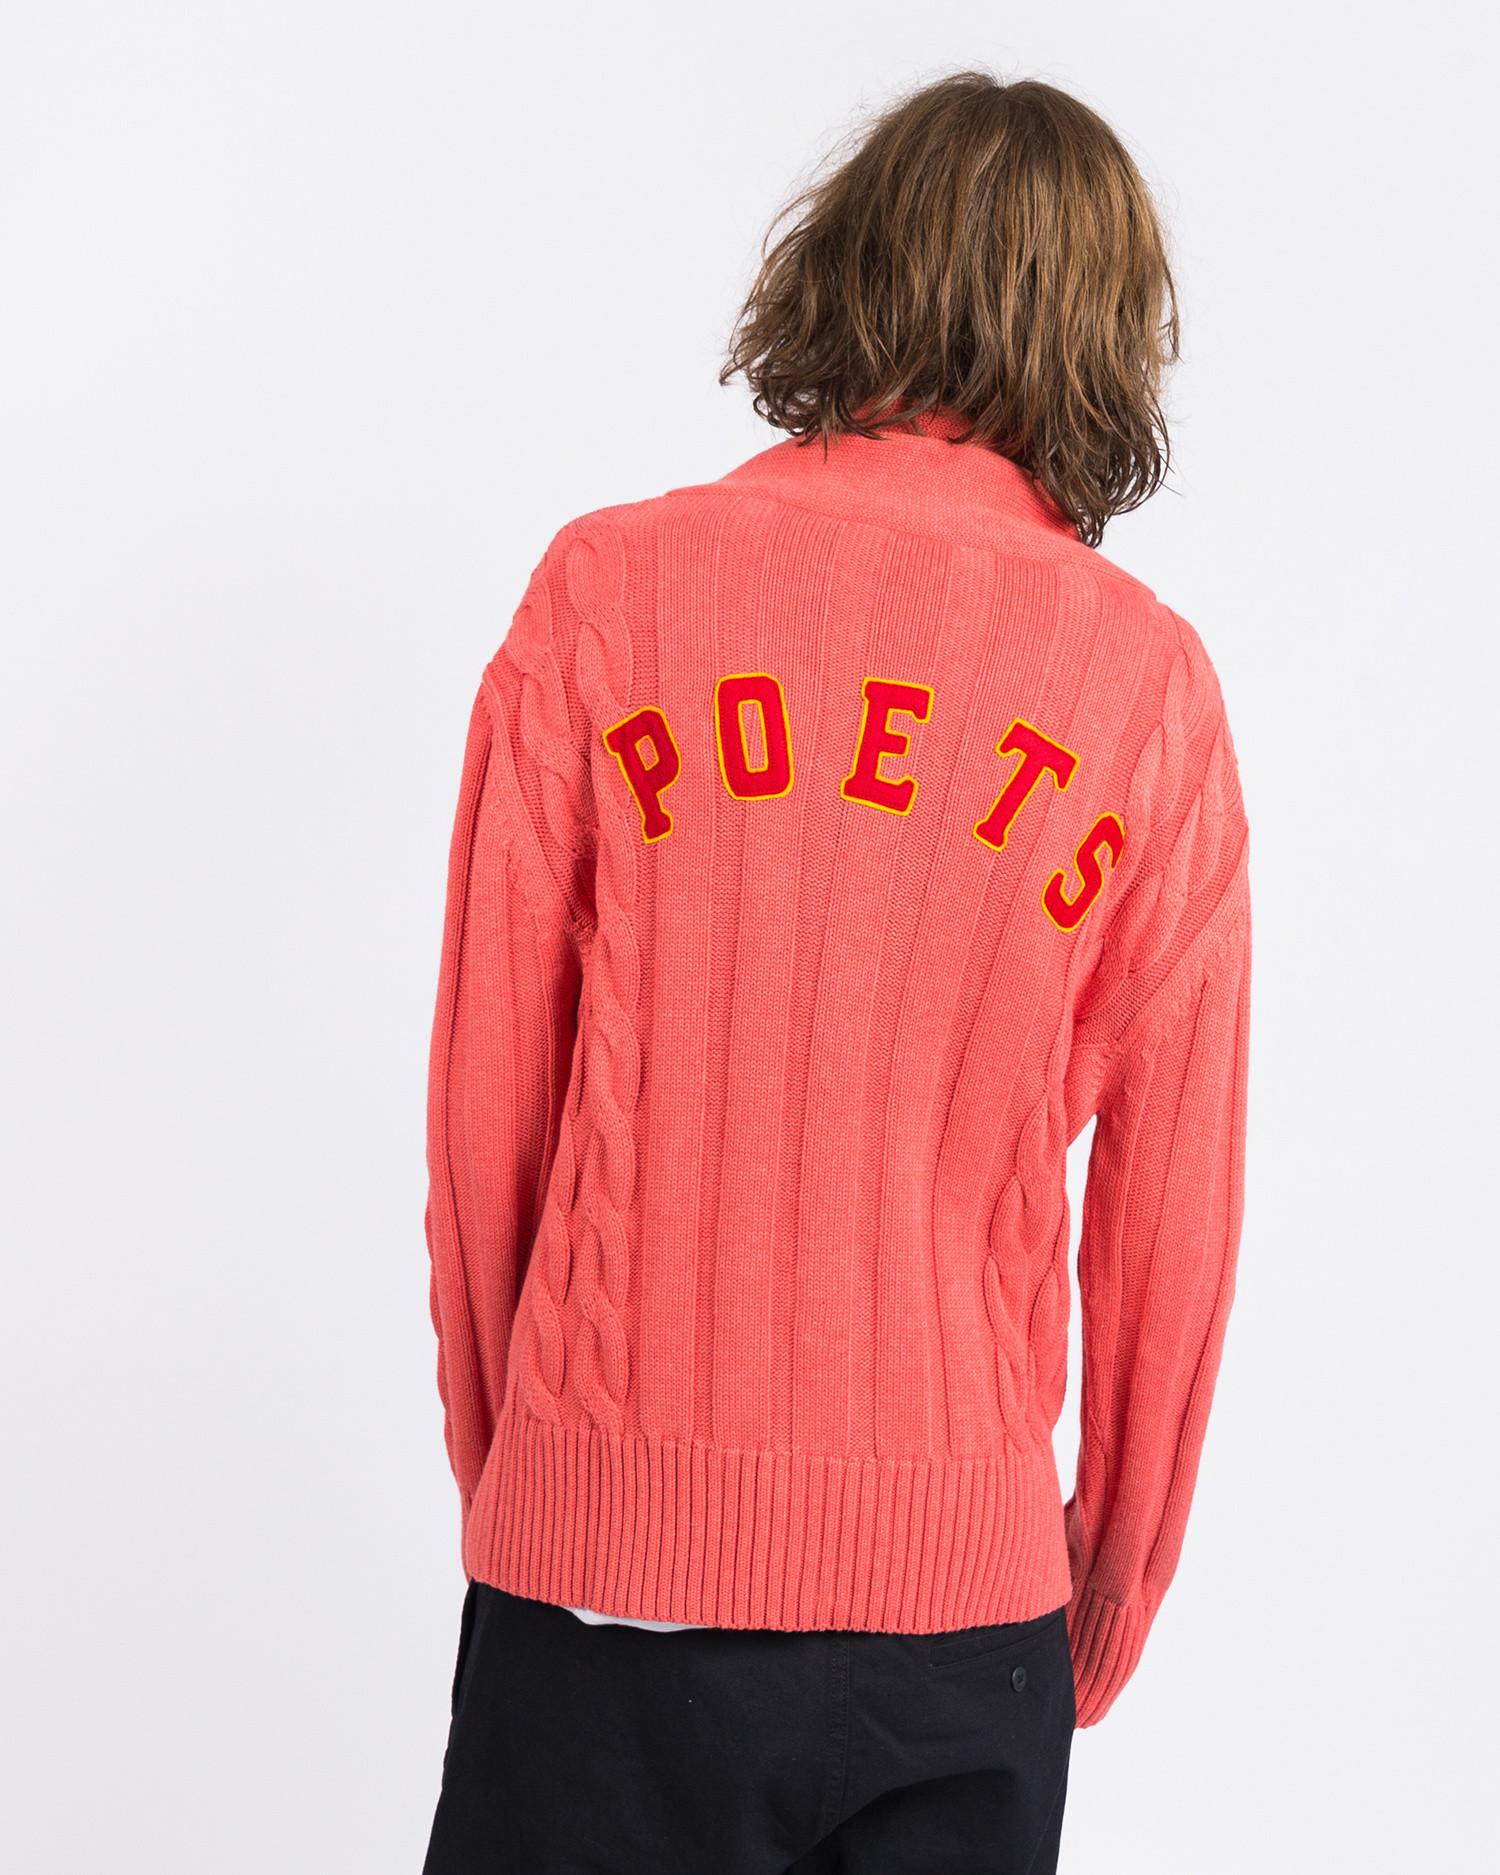 Poets Tomato Sweater